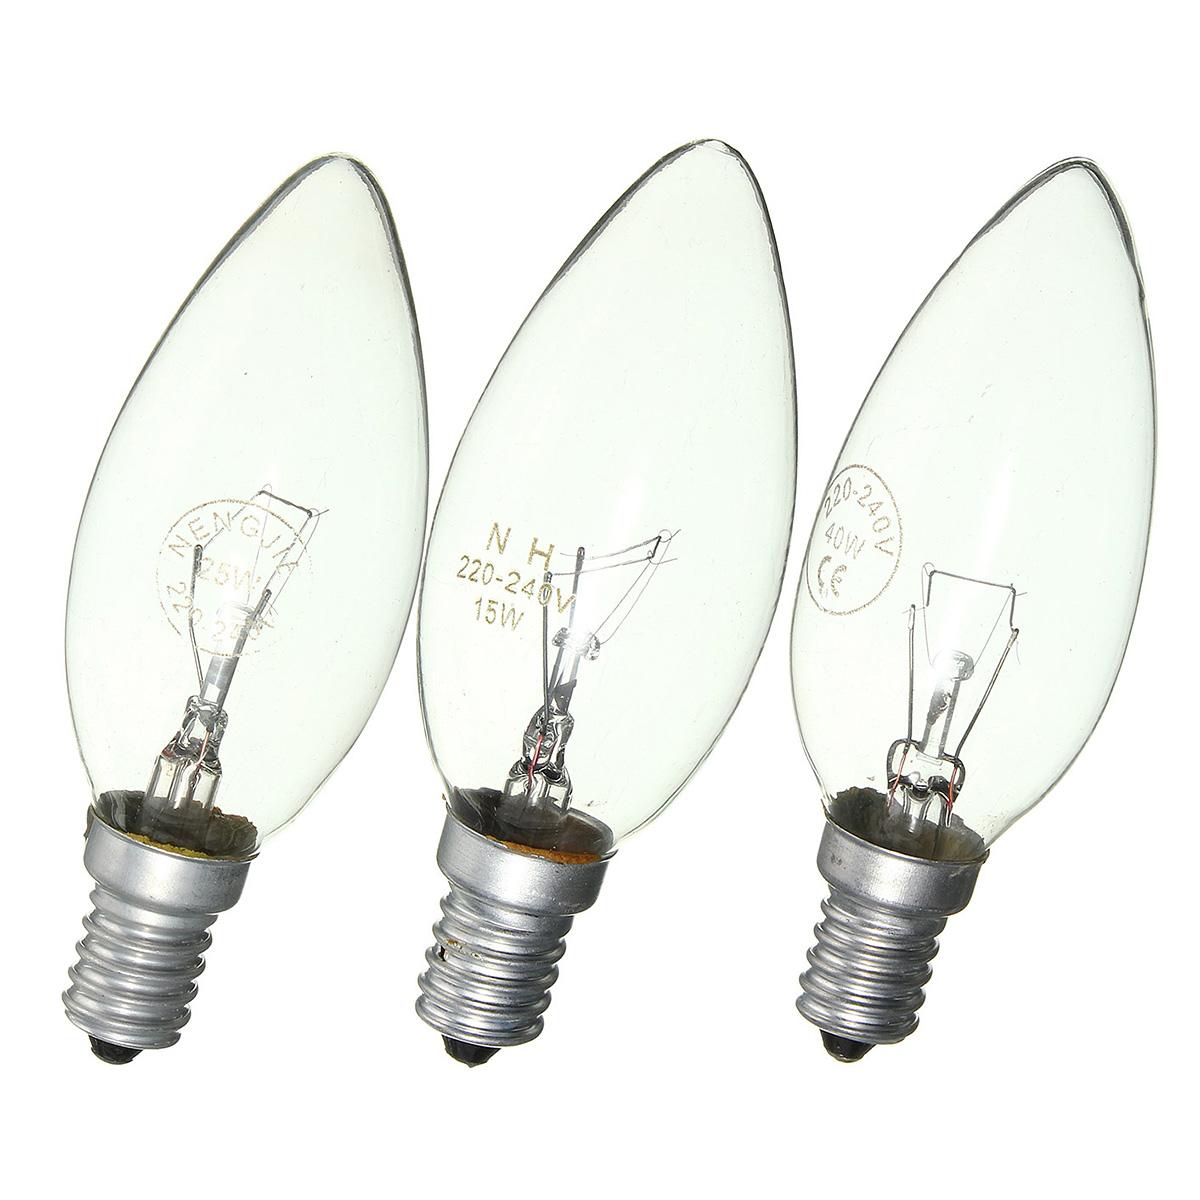 E14 15w 25w 40w Warm White Vintage Edison Incandescent